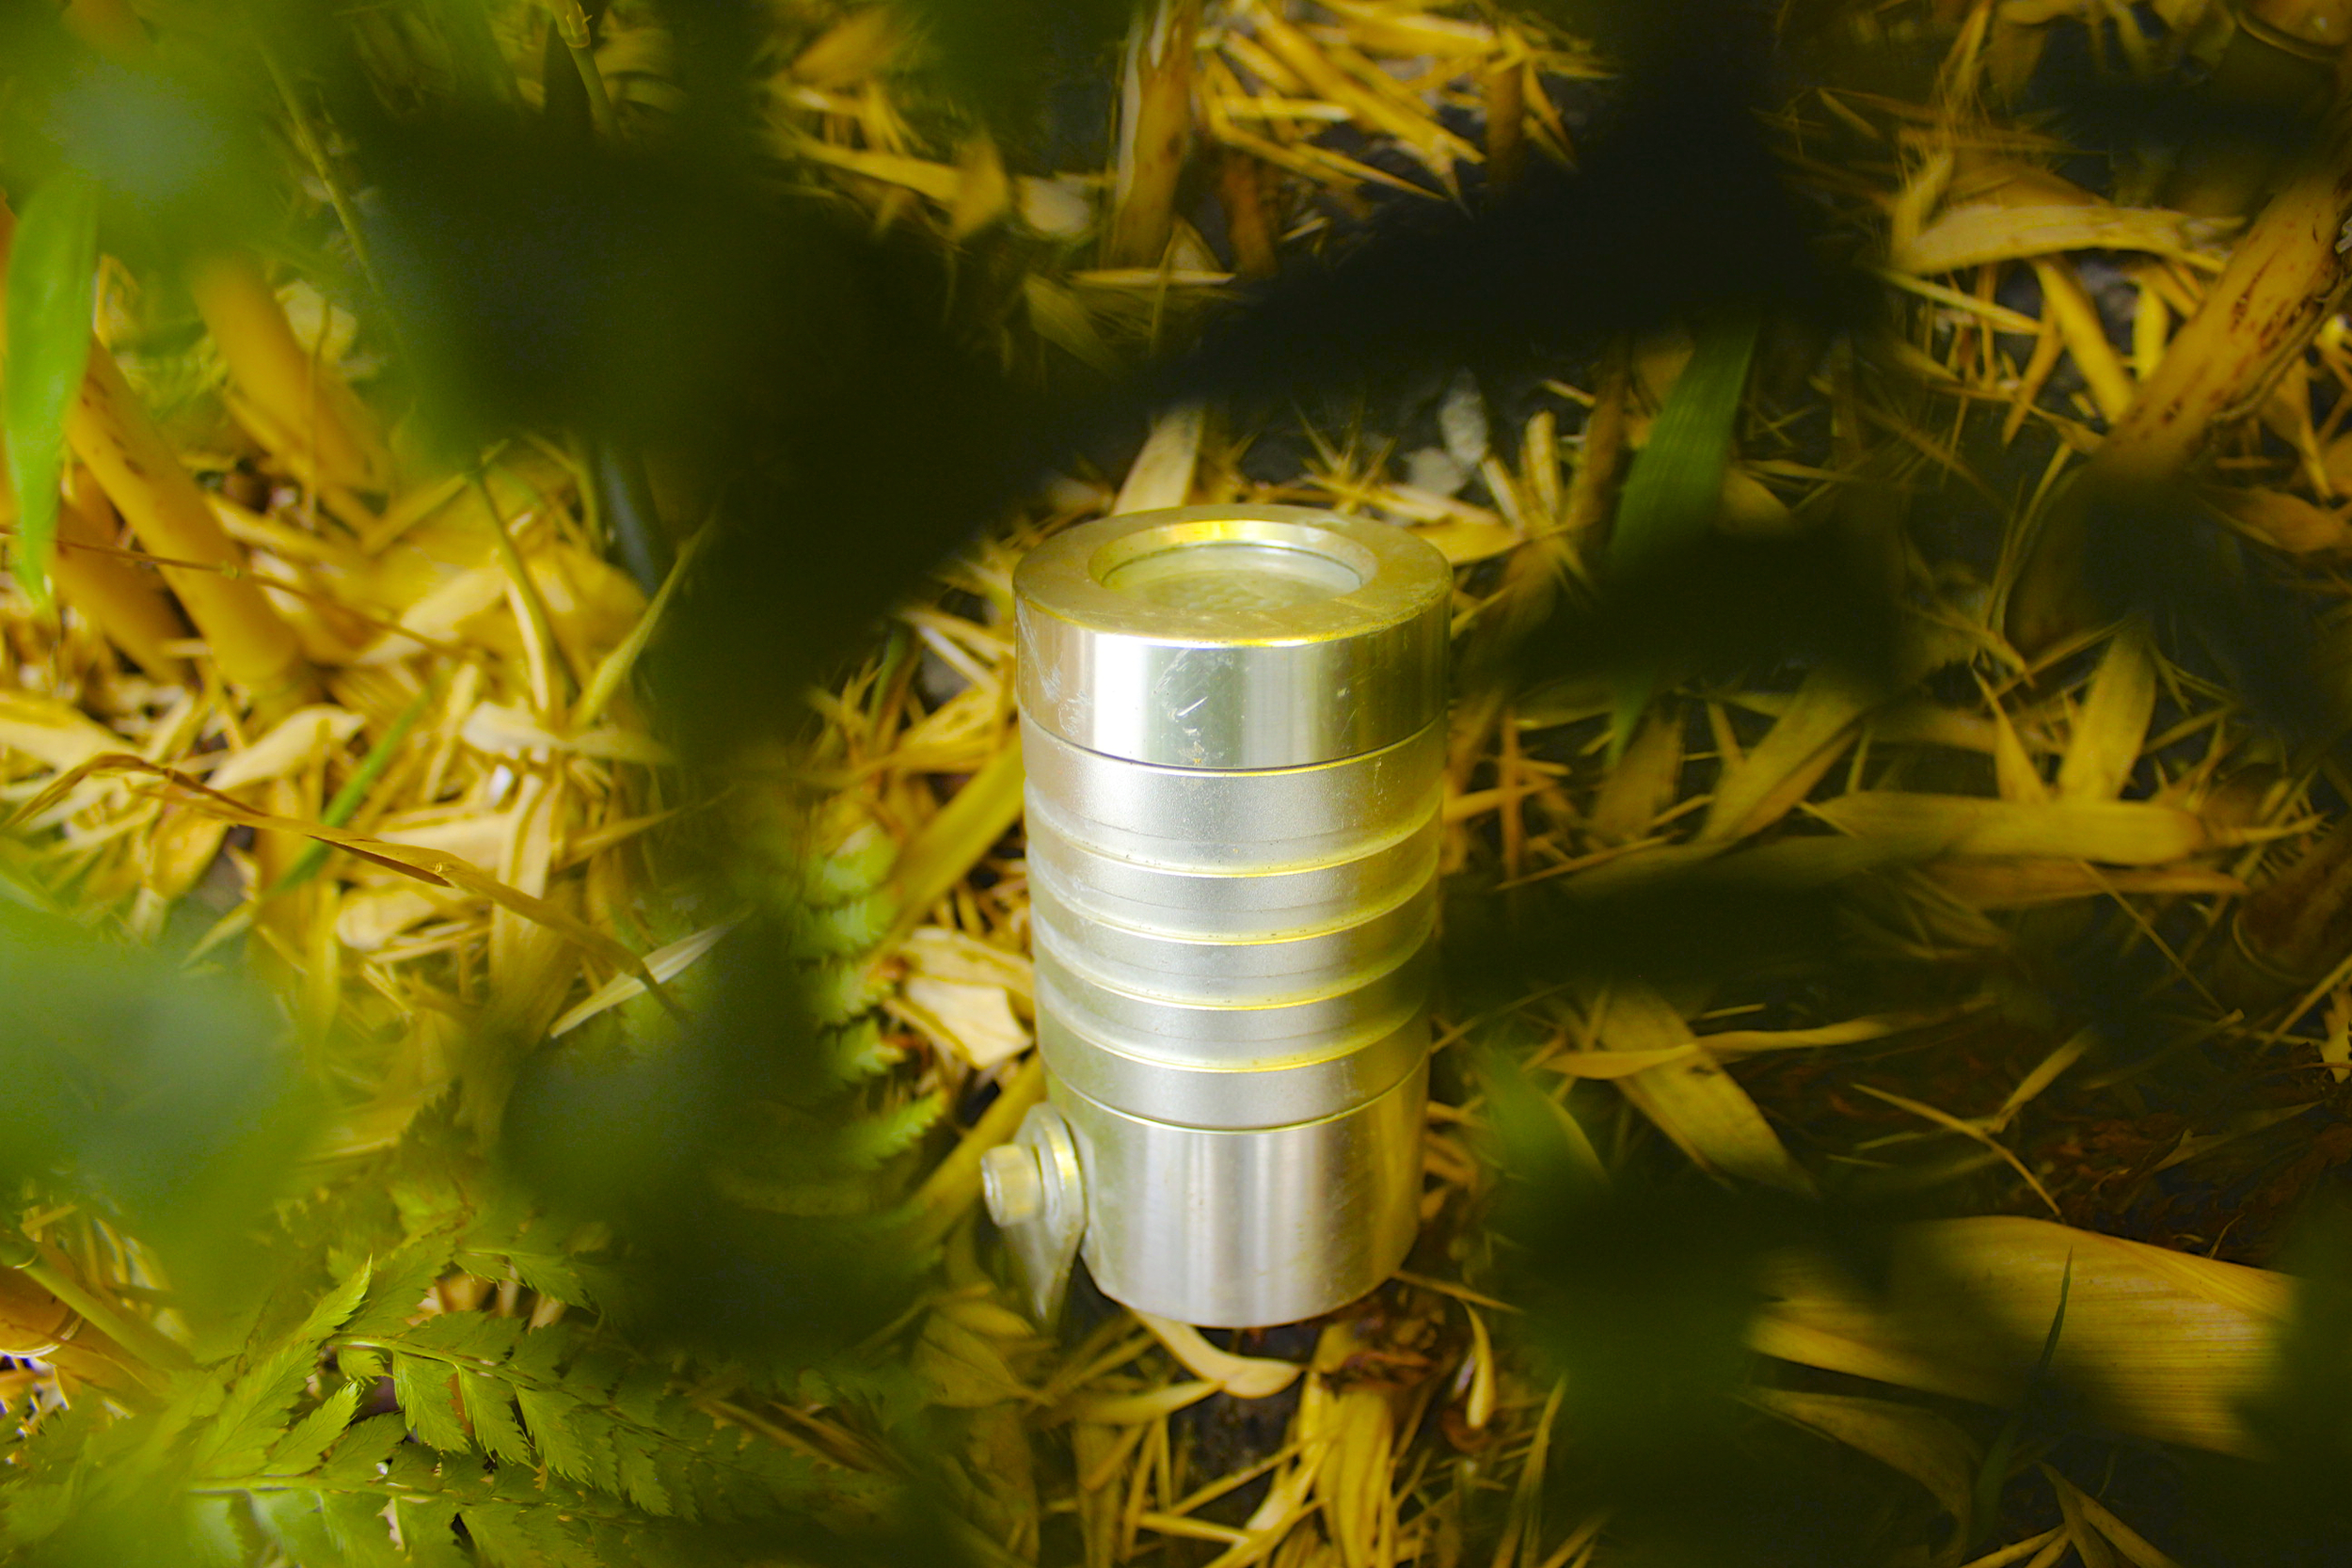 Stainless Steel Garden Light